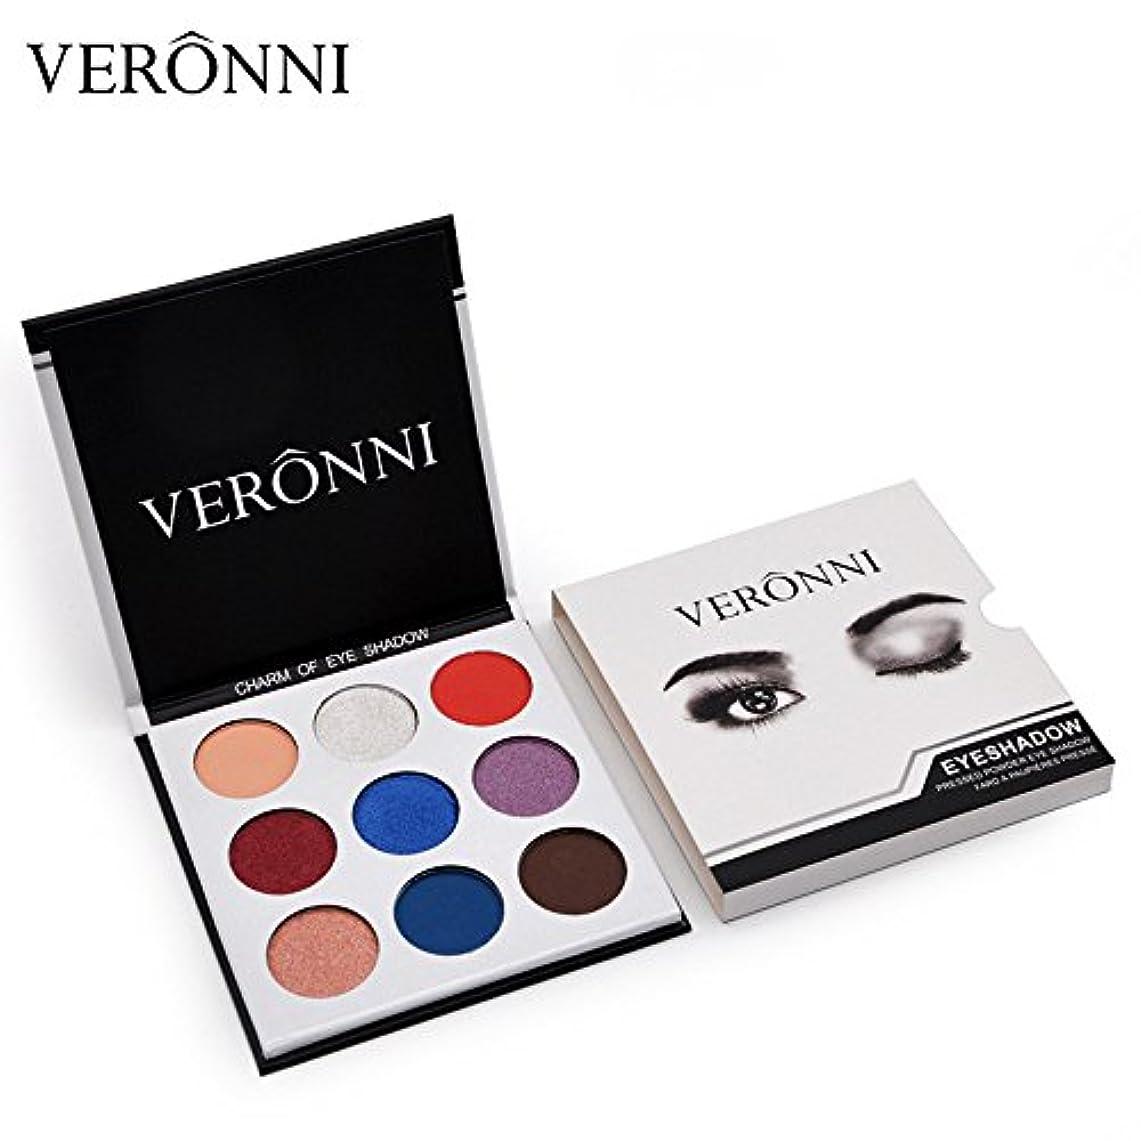 速い誤解を招く彼女はAkane アイシャドウパレット ファッション VERONNI 人気 魅惑 魅力的 マット おしゃれ チャーム 綺麗 長持ち 落としにくい 持ち便利 Eye Shadow (9色) #3 holiday